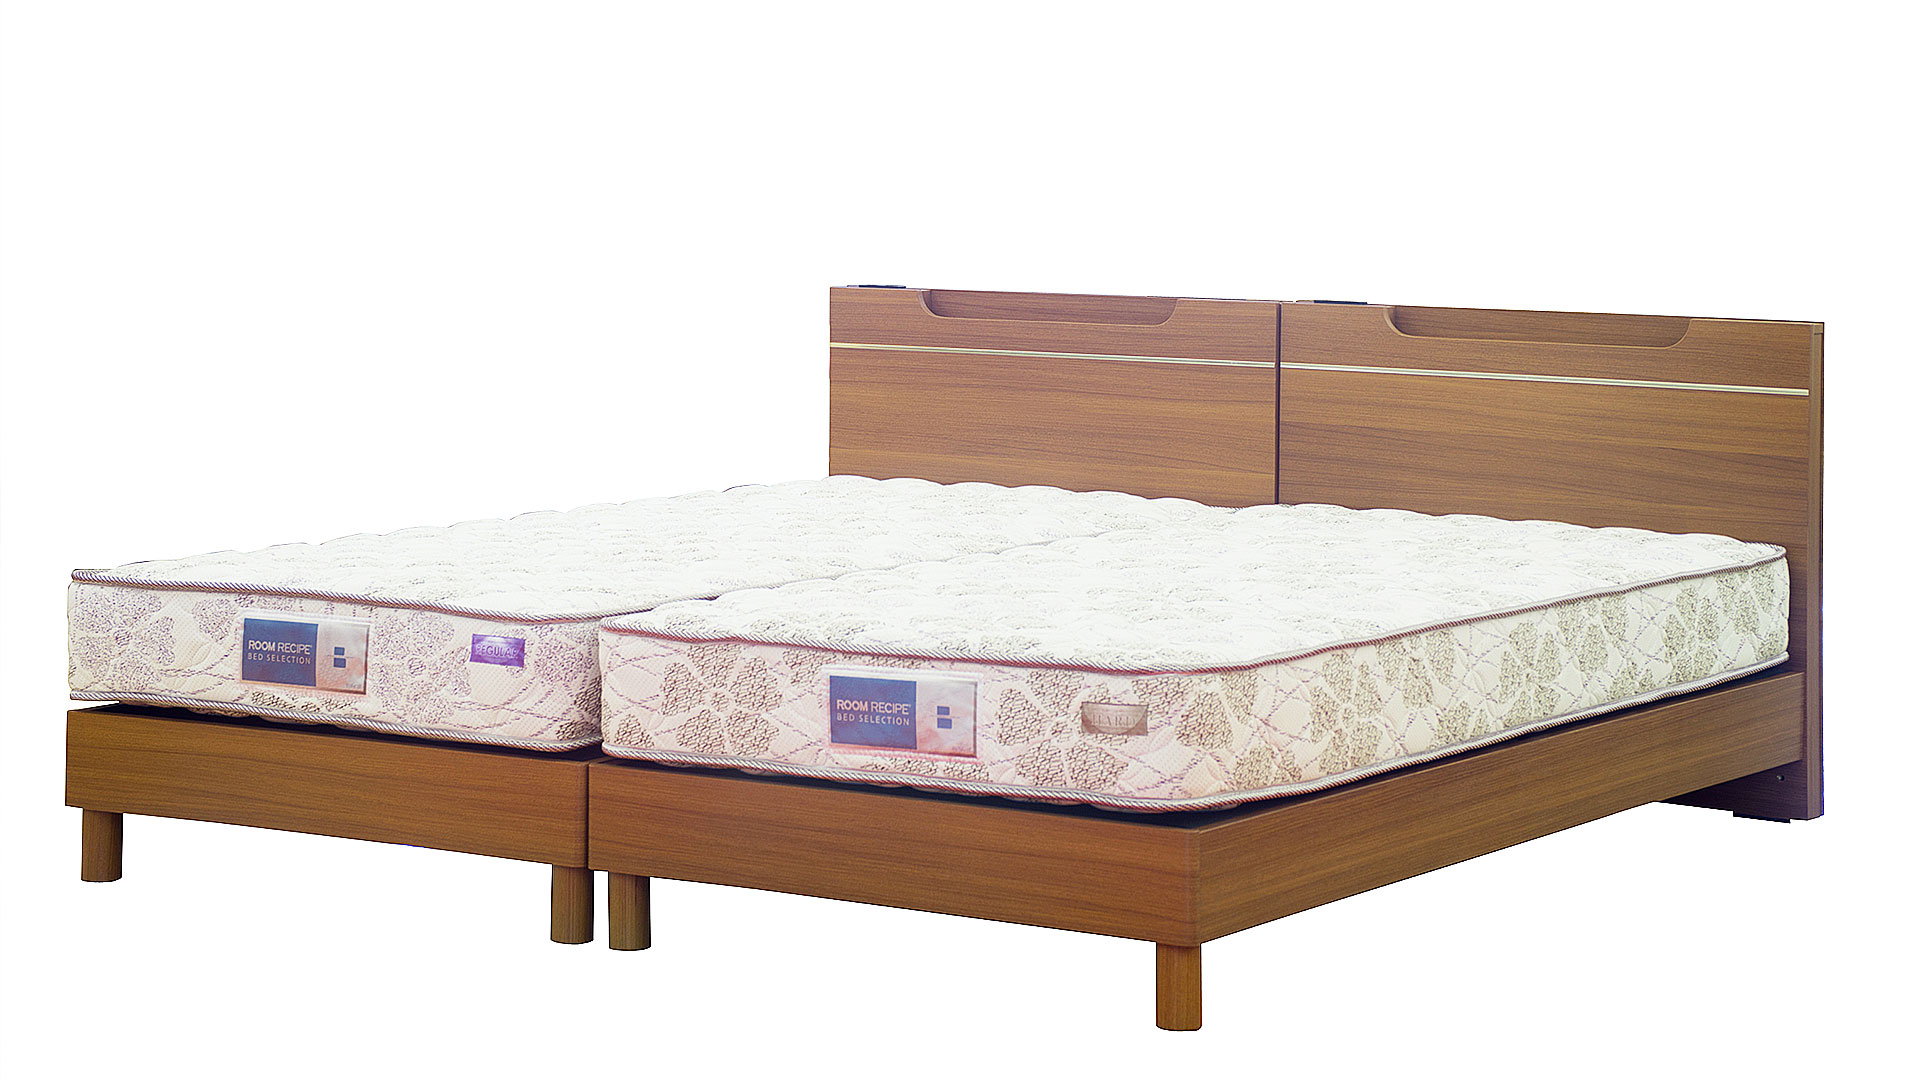 リビンズのベッドフレーム「グッデイ」の並べてツインベッドにした画像